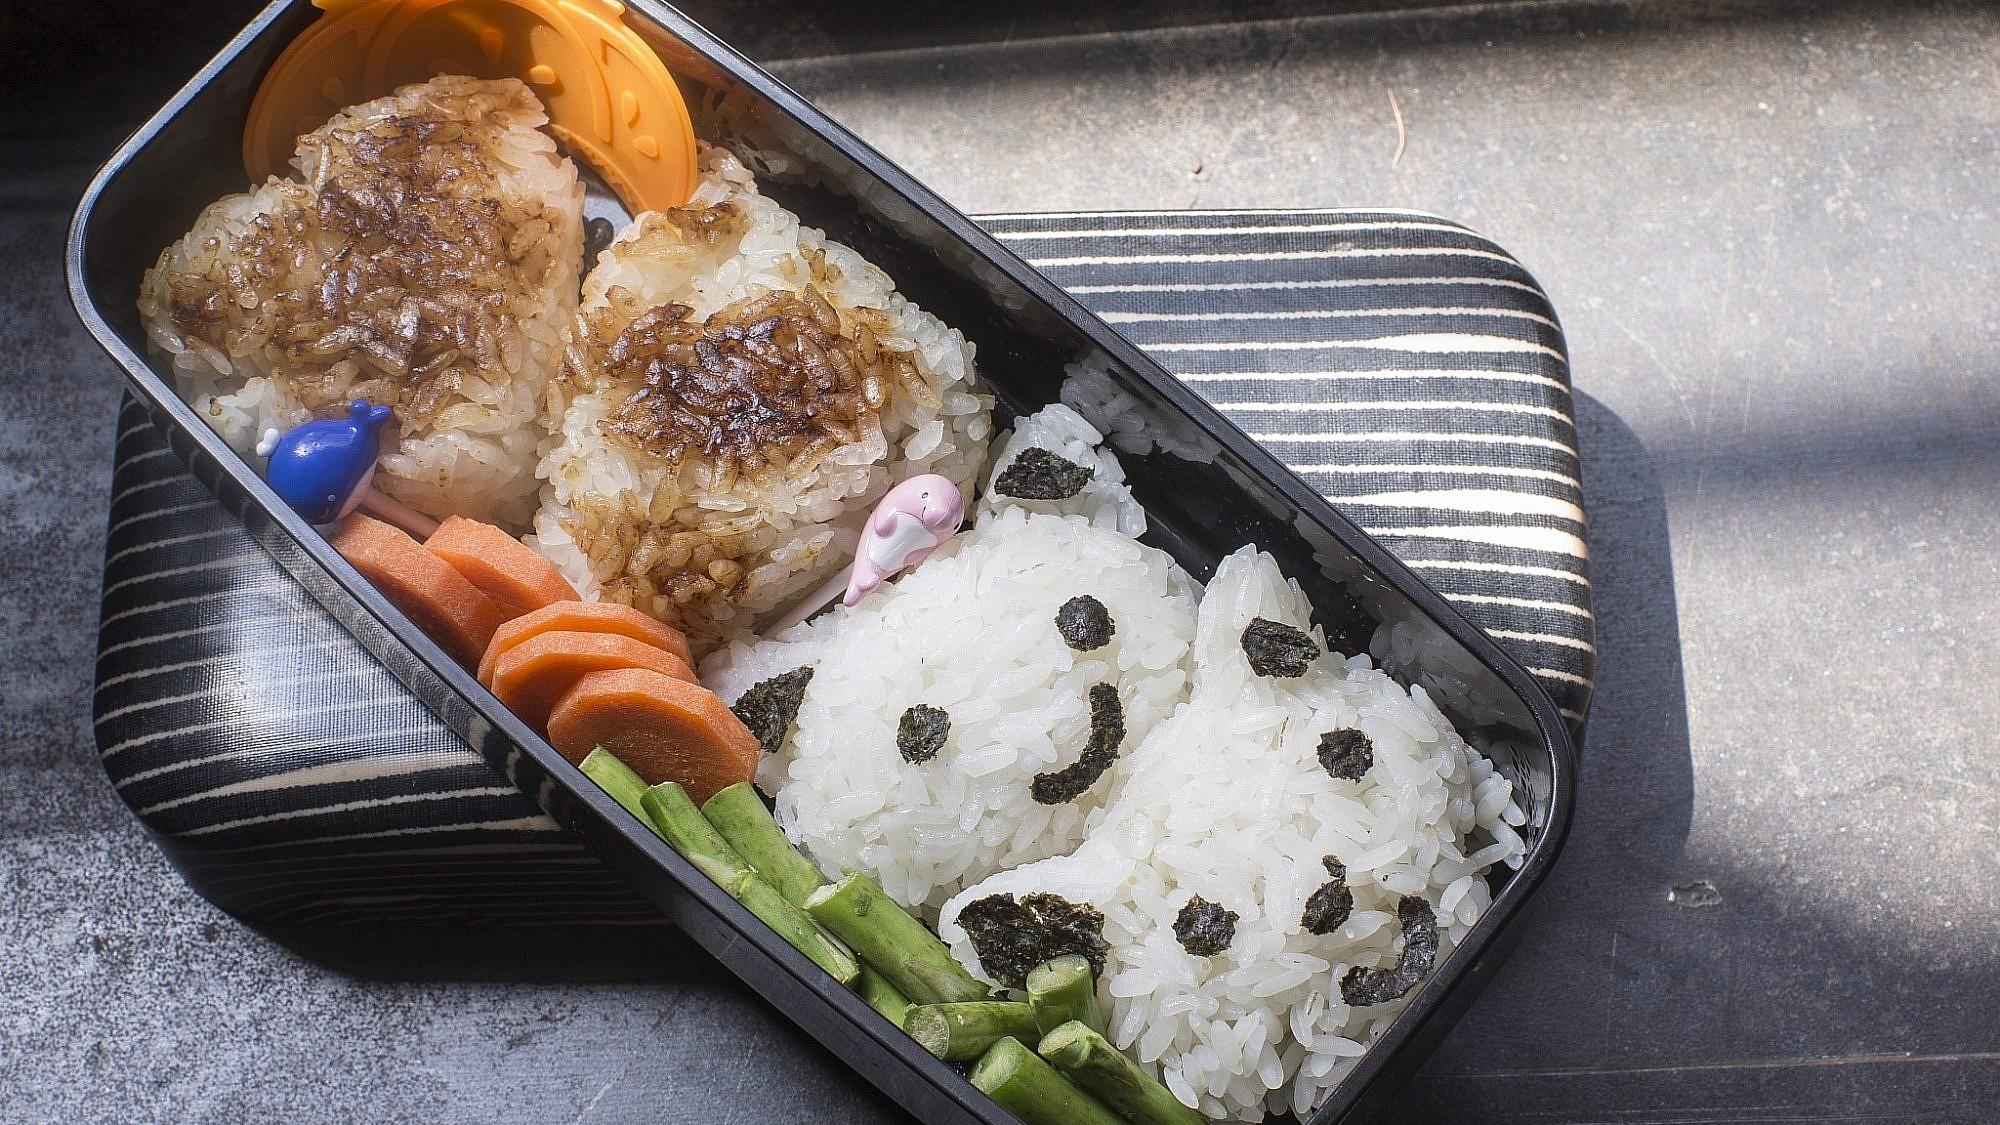 כדורי אורז קלויים בסגנון יפני של גליה דור. צילום: רמי זרנגר